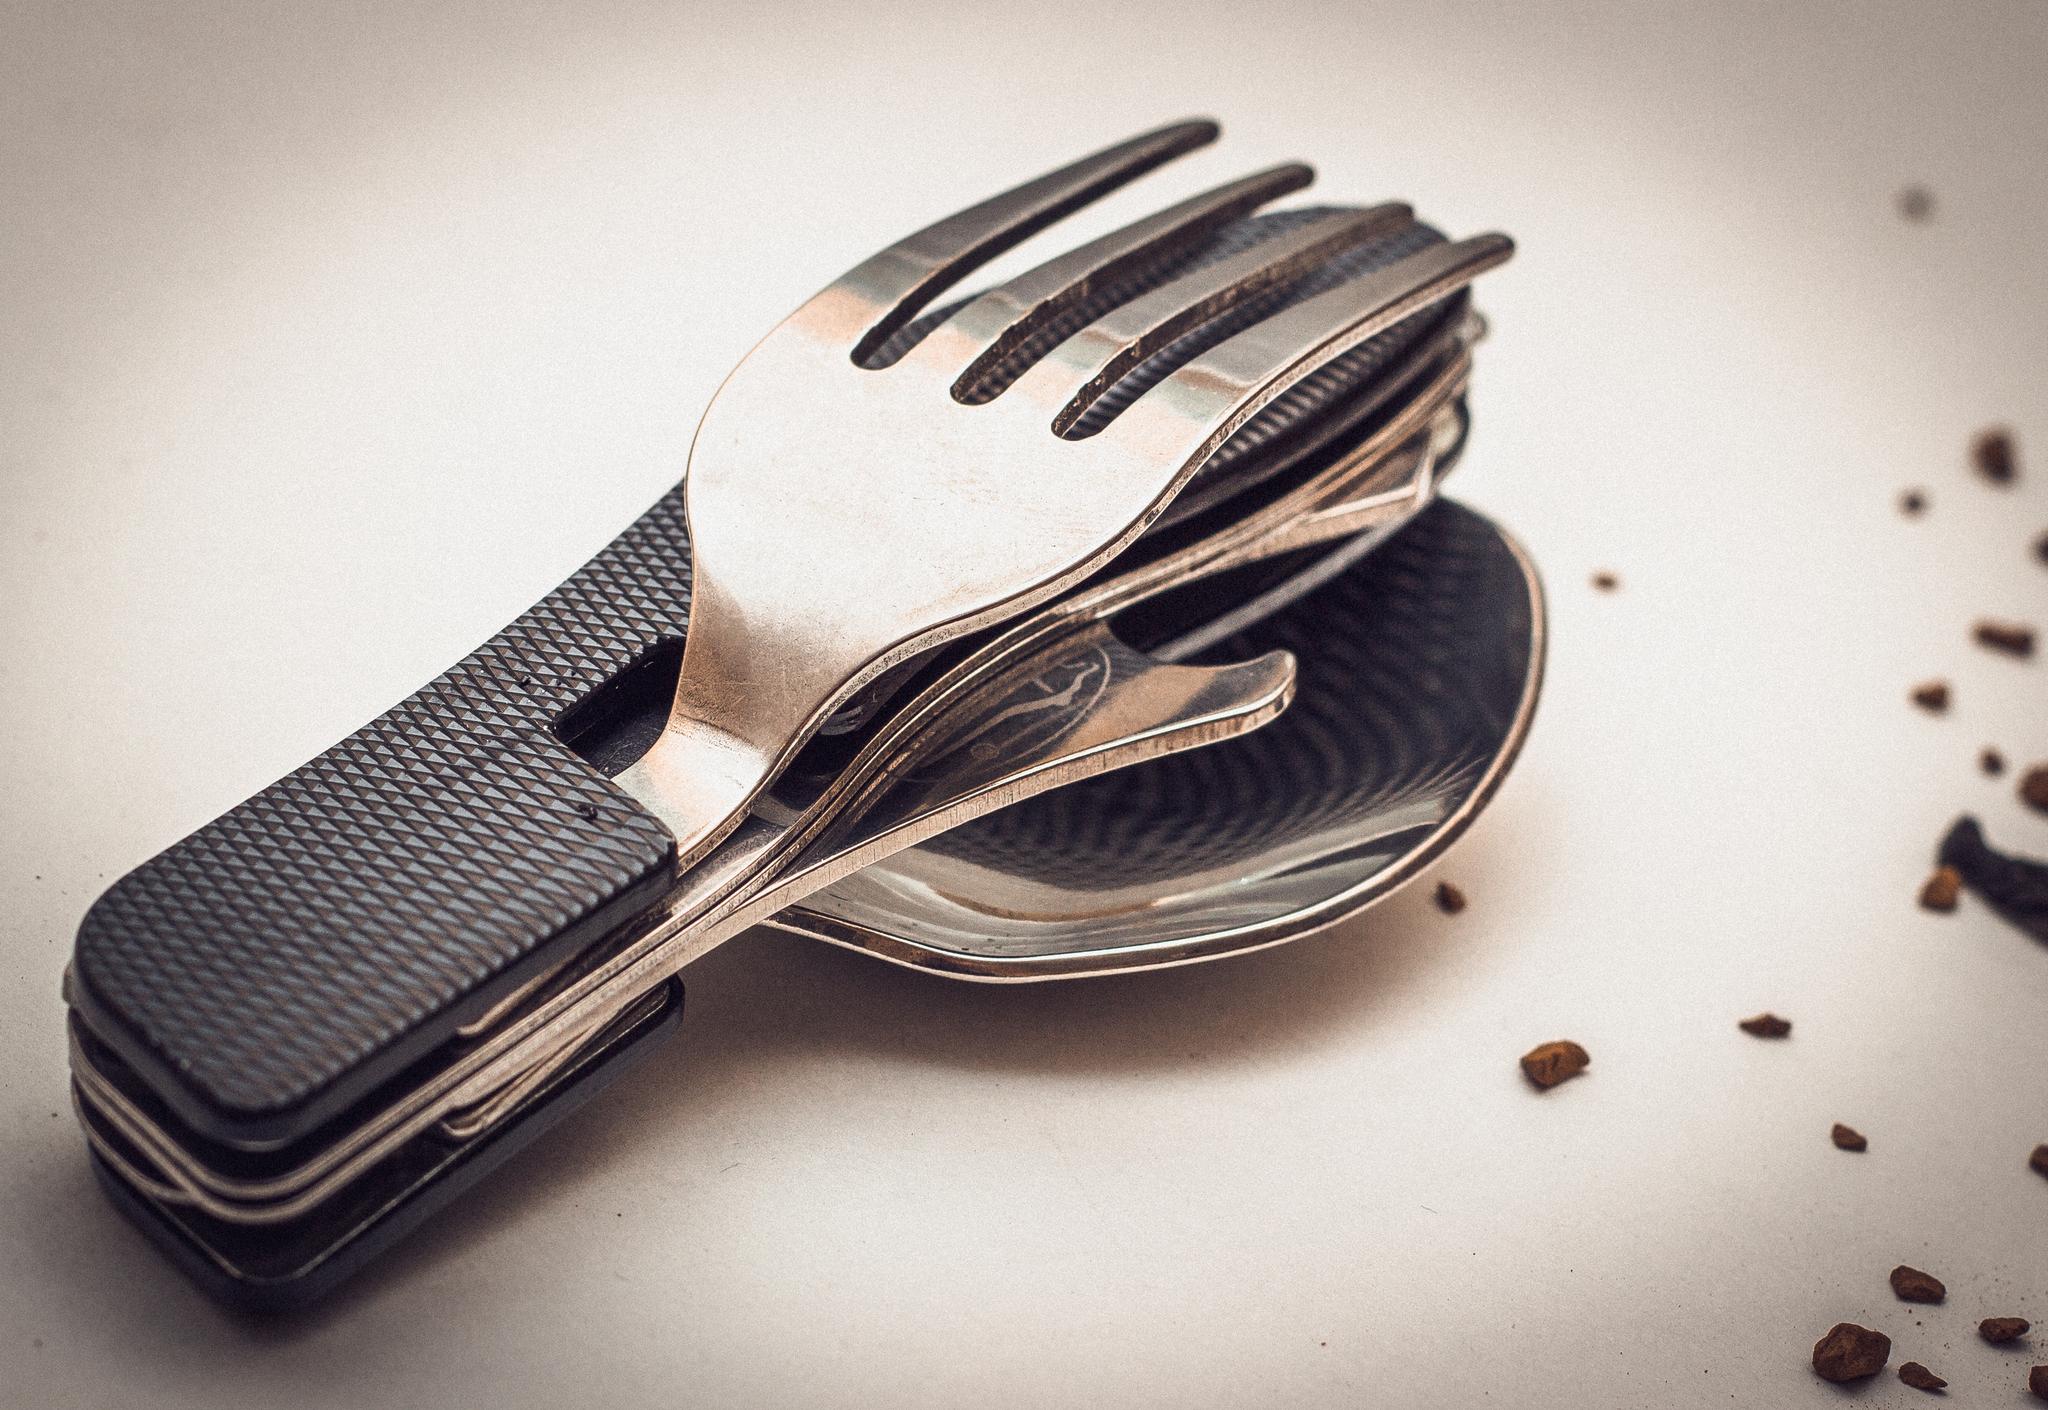 Многофункциональный нож 4 в 1420<br>Многофункциональный нож 4 в 1 – вот что действительно следует иметь в своем арсенале каждому туристу и любителю вылазок на природу. Компактный туристический набор ложка-вилка-нож с толщиной клинка 1,6 мм станет Вашим лучшим другом вдали от привычных средств цивилизации. Металлическая рукоятка эргономичной формы делает использование этого мультитула весьма удобным и беспечным. Данная складная туристическая ложка-вилка сделана из высококачественных материалов, поэтому служить она Вам будет на протяжении весьма длительного времени.Обзавестись оригинальным набором столовых принадлежностей для похода всегда можно в интернет магазине Ножиков. Полезный мультитул также можно купить в подарок как начинающему, так и бывалому туристу.Многофункциональный нож 4 в 1: нож, ложка, вилка и открывалка.Oбщая длина - 180 ммДлина клинка - 76 ммТолщина клинка - 1,6 ммСталь - 420Рукоять - металл<br>